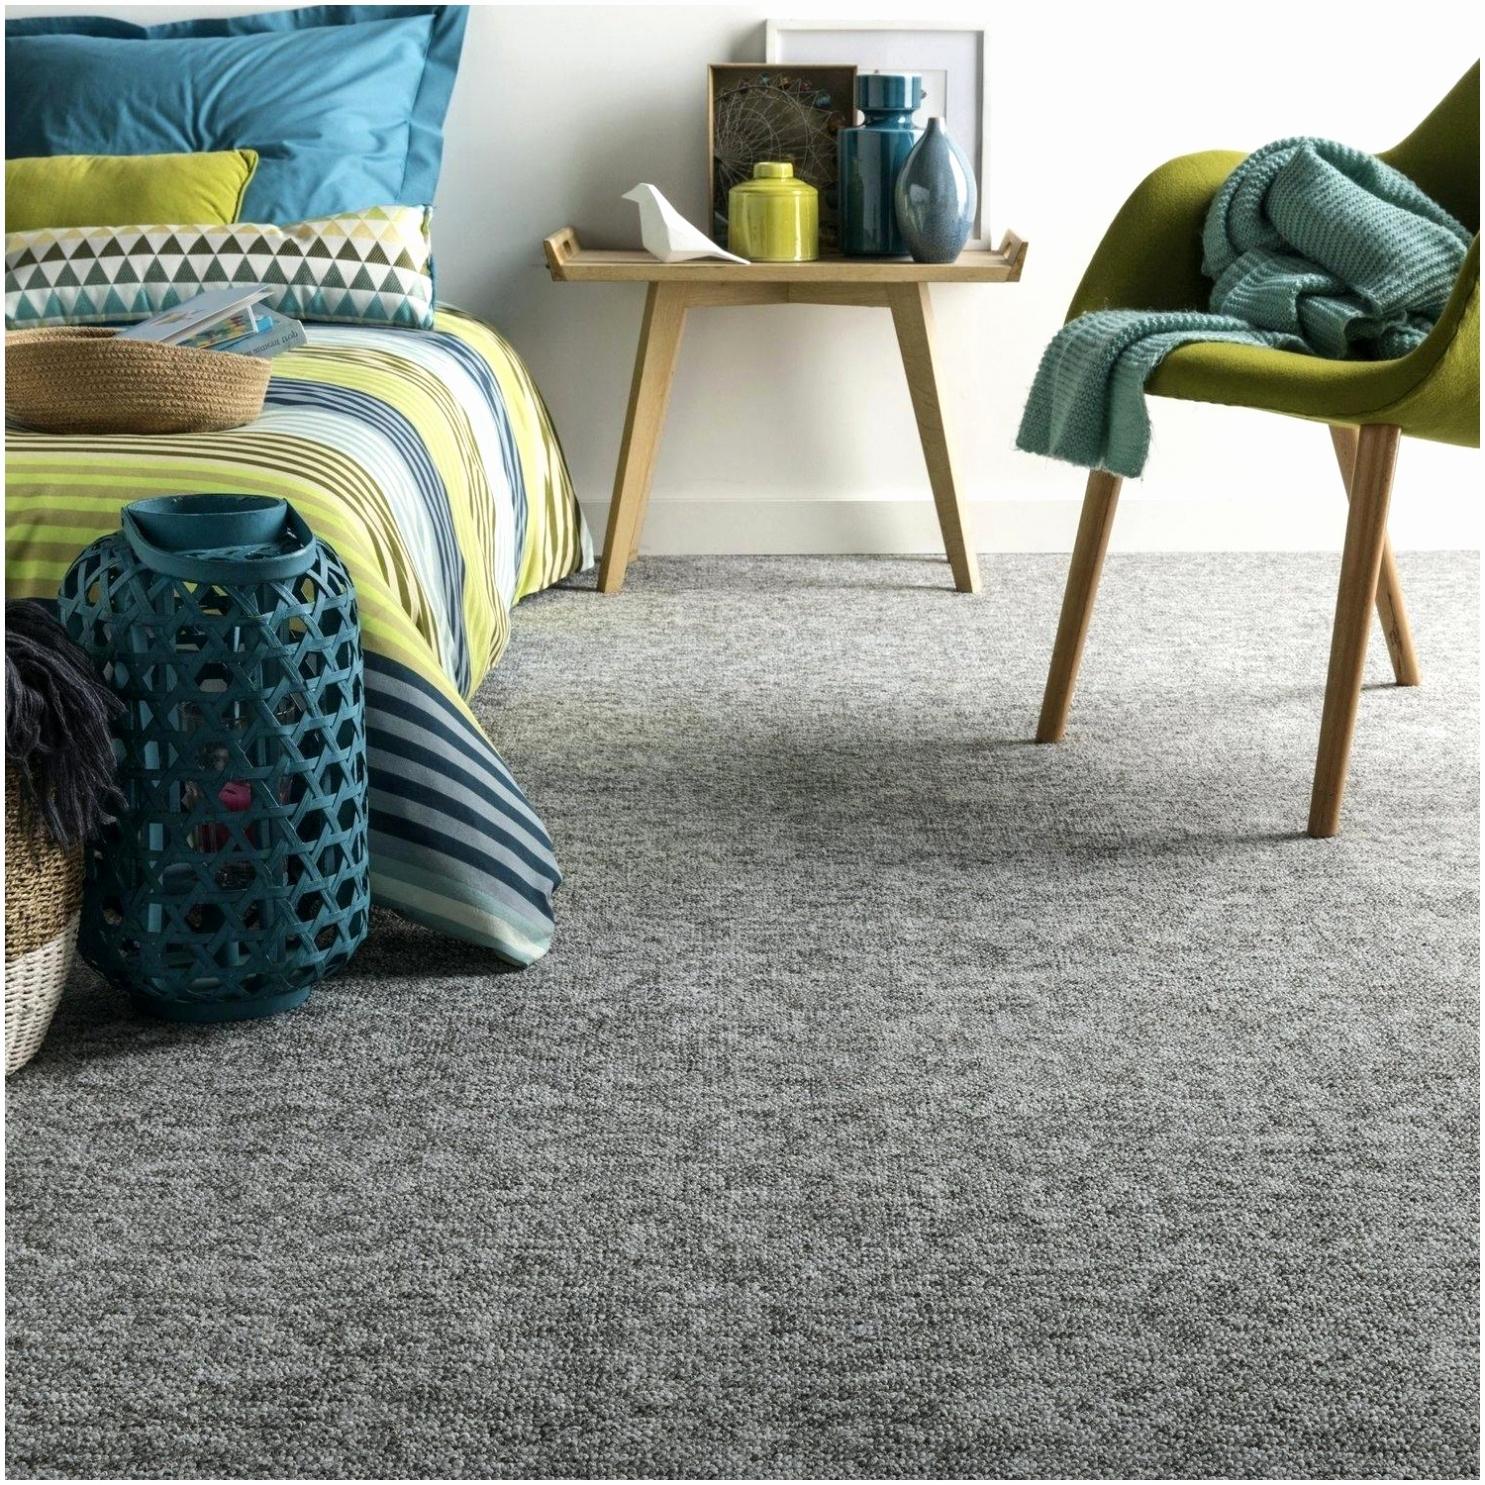 tapis de sol exterieur terrasse frais maha de tapis de sol exterieur mahagranda de home of tapis de sol exterieur terrasse